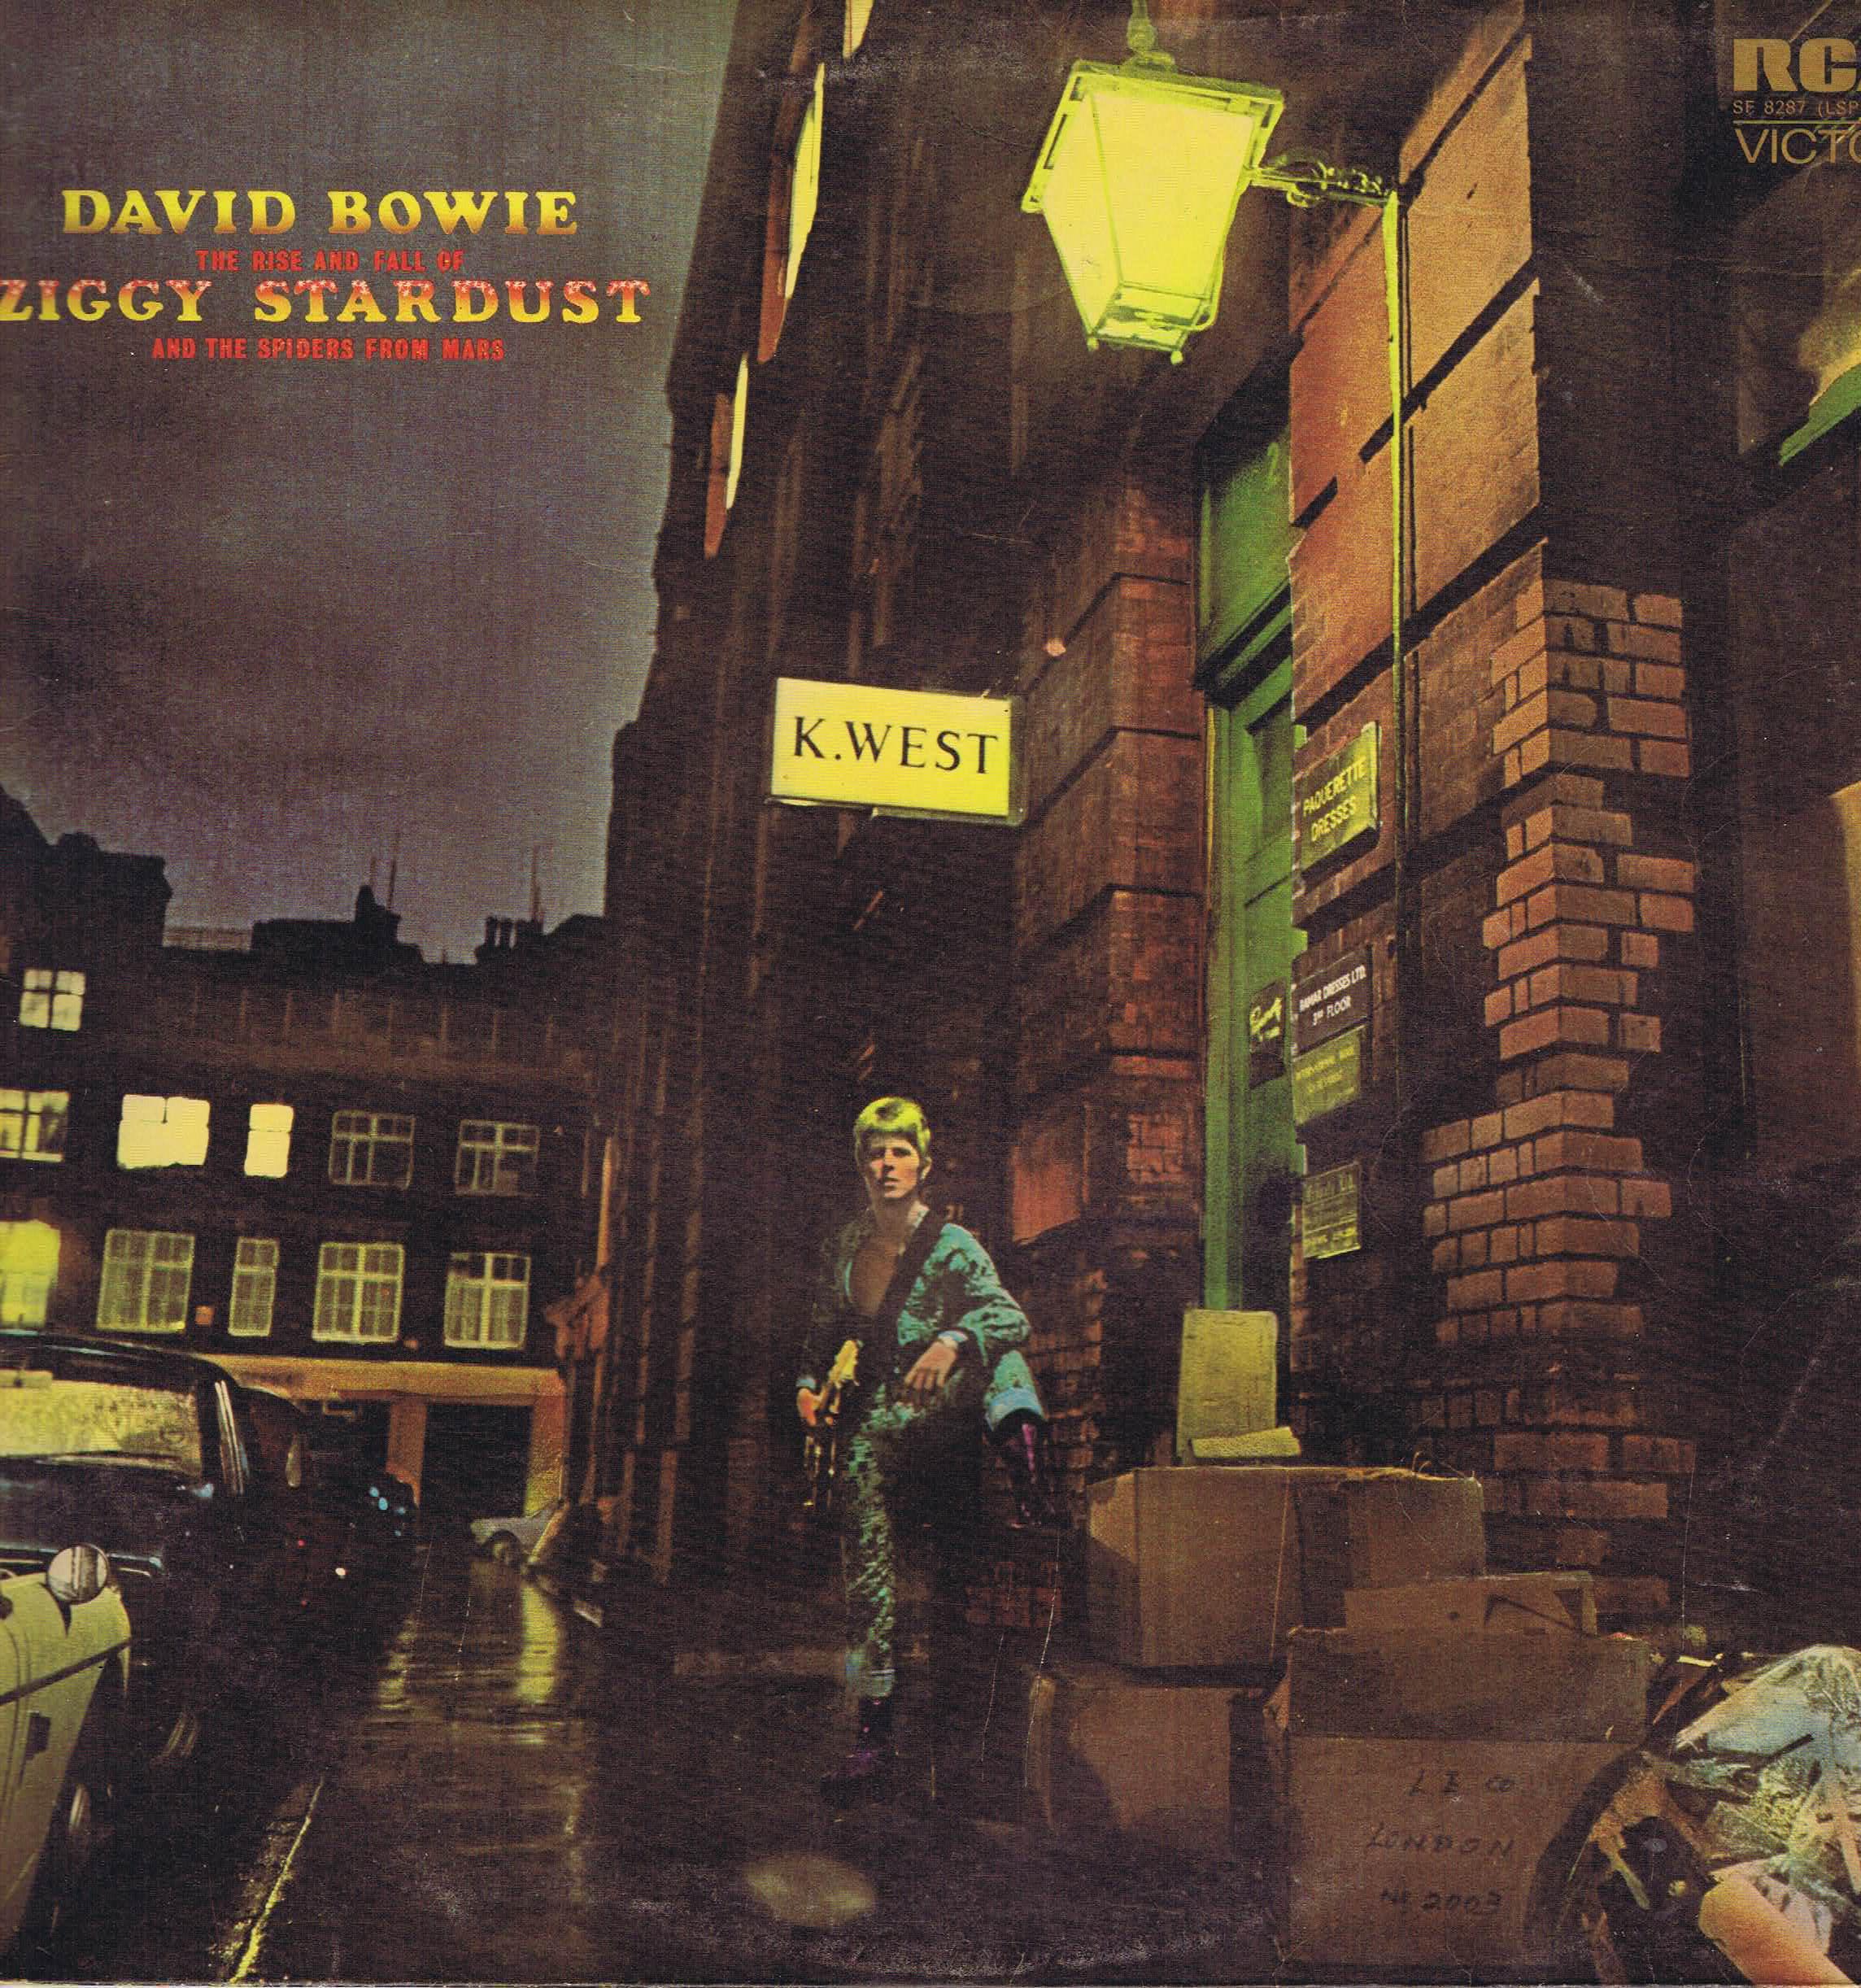 David Bowie – Ziggy Stardust – SF 8287